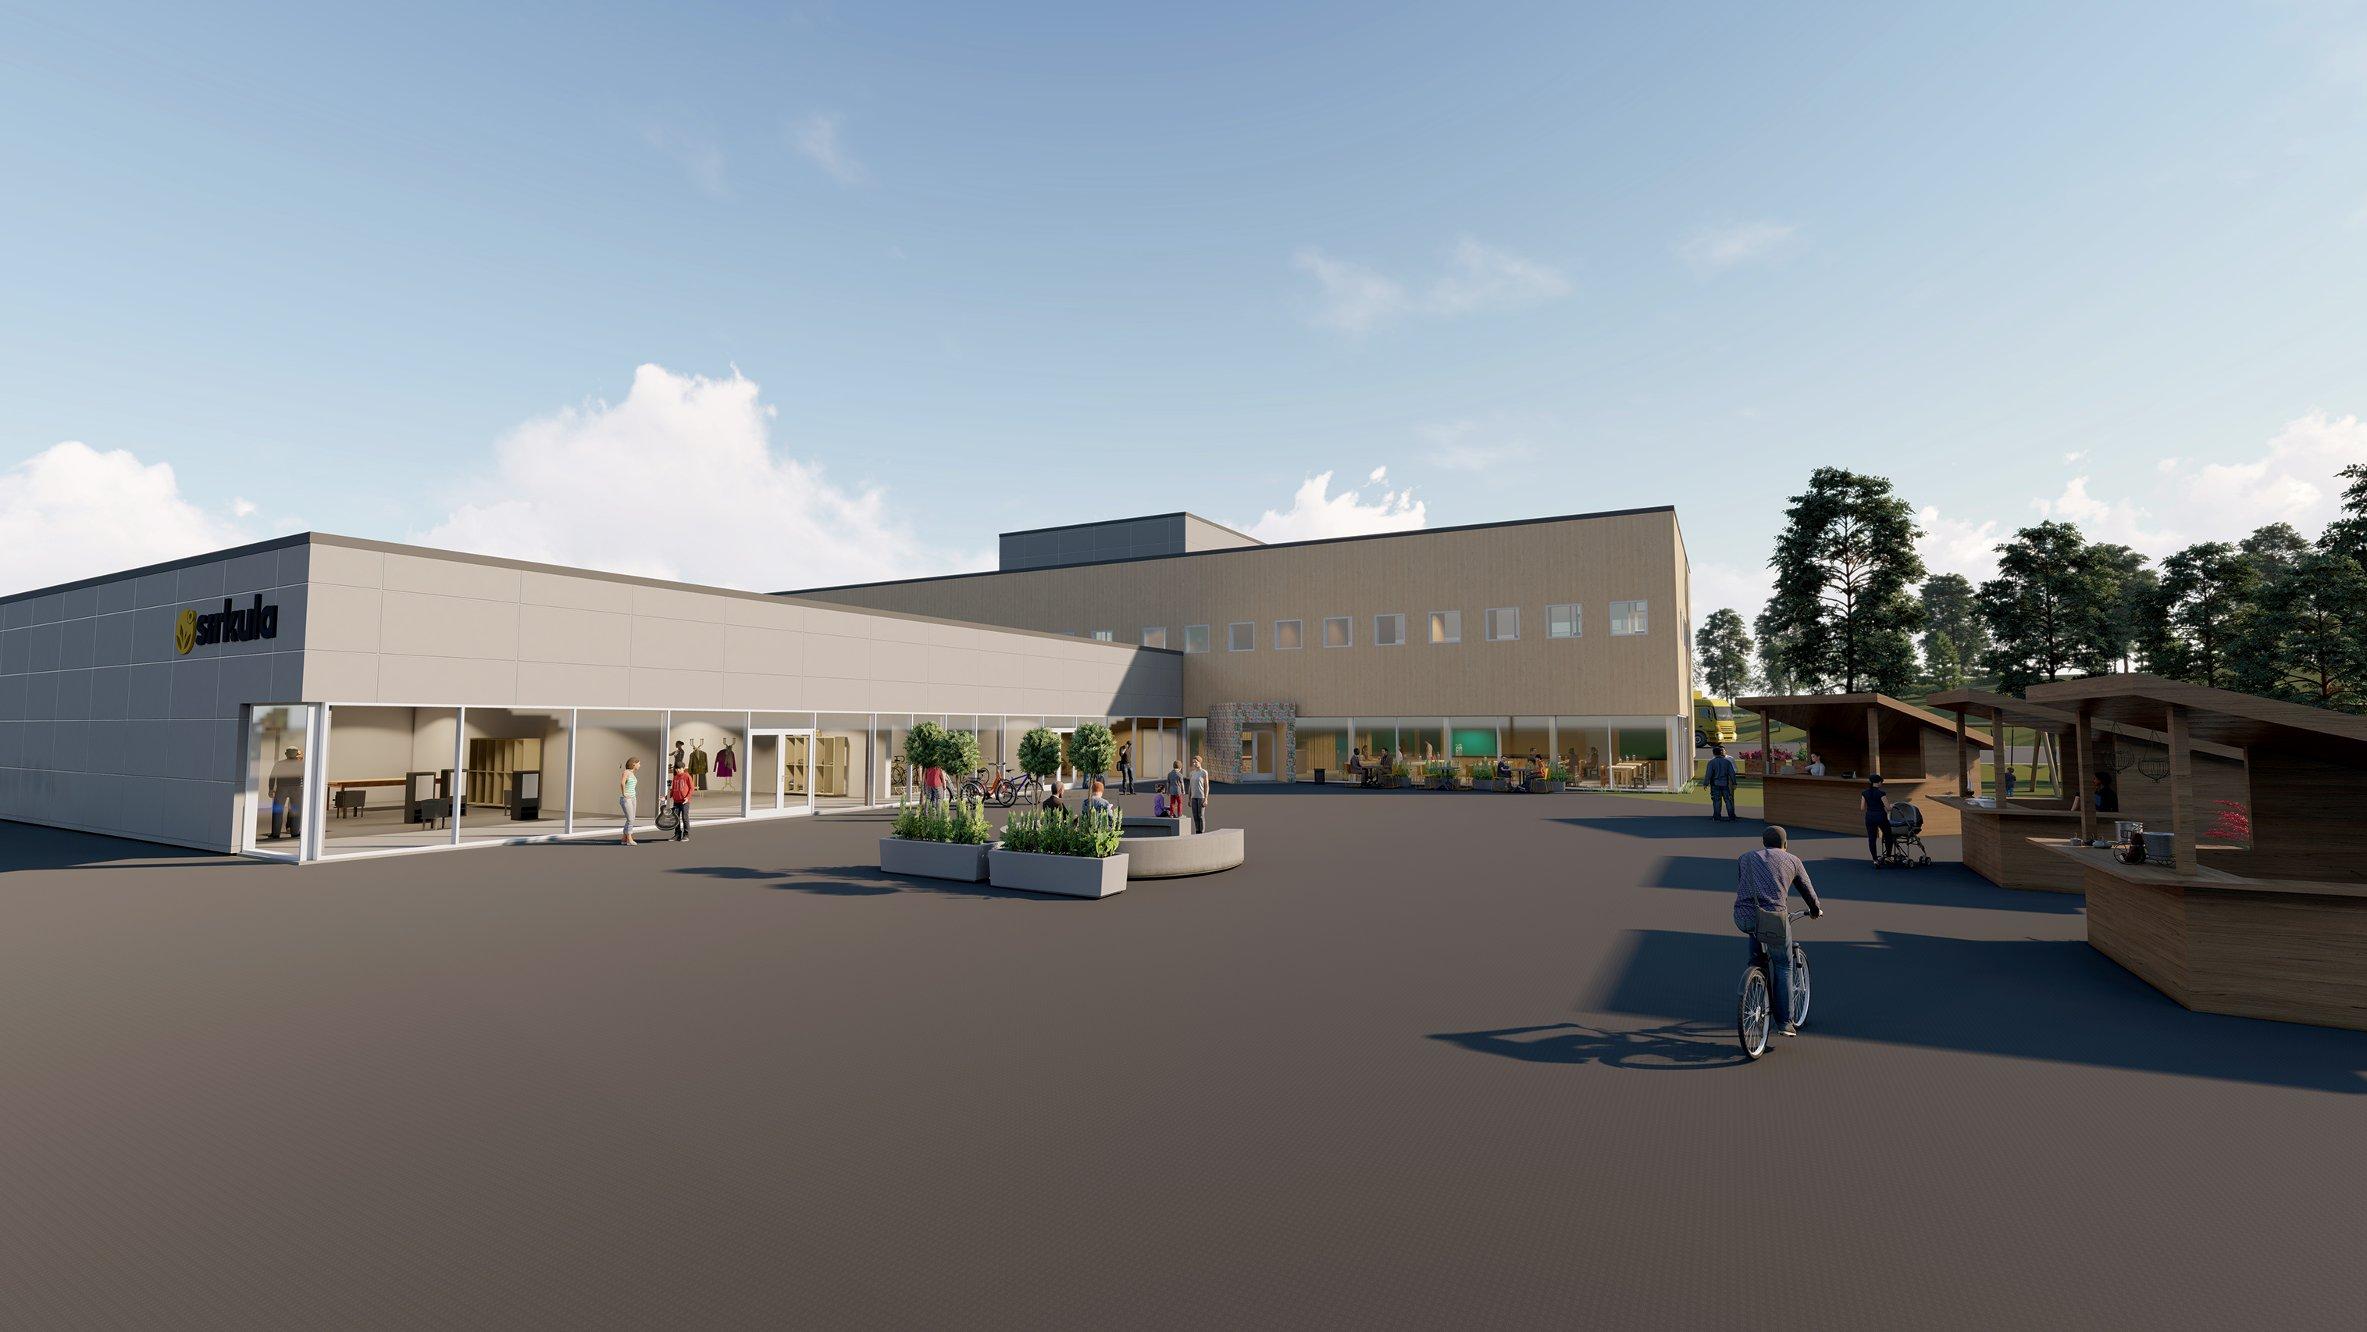 Snart kan du shoppe på gjenvinninga – slik blir den nye kretsløpsparken til Sirkula på Gålåsholmen